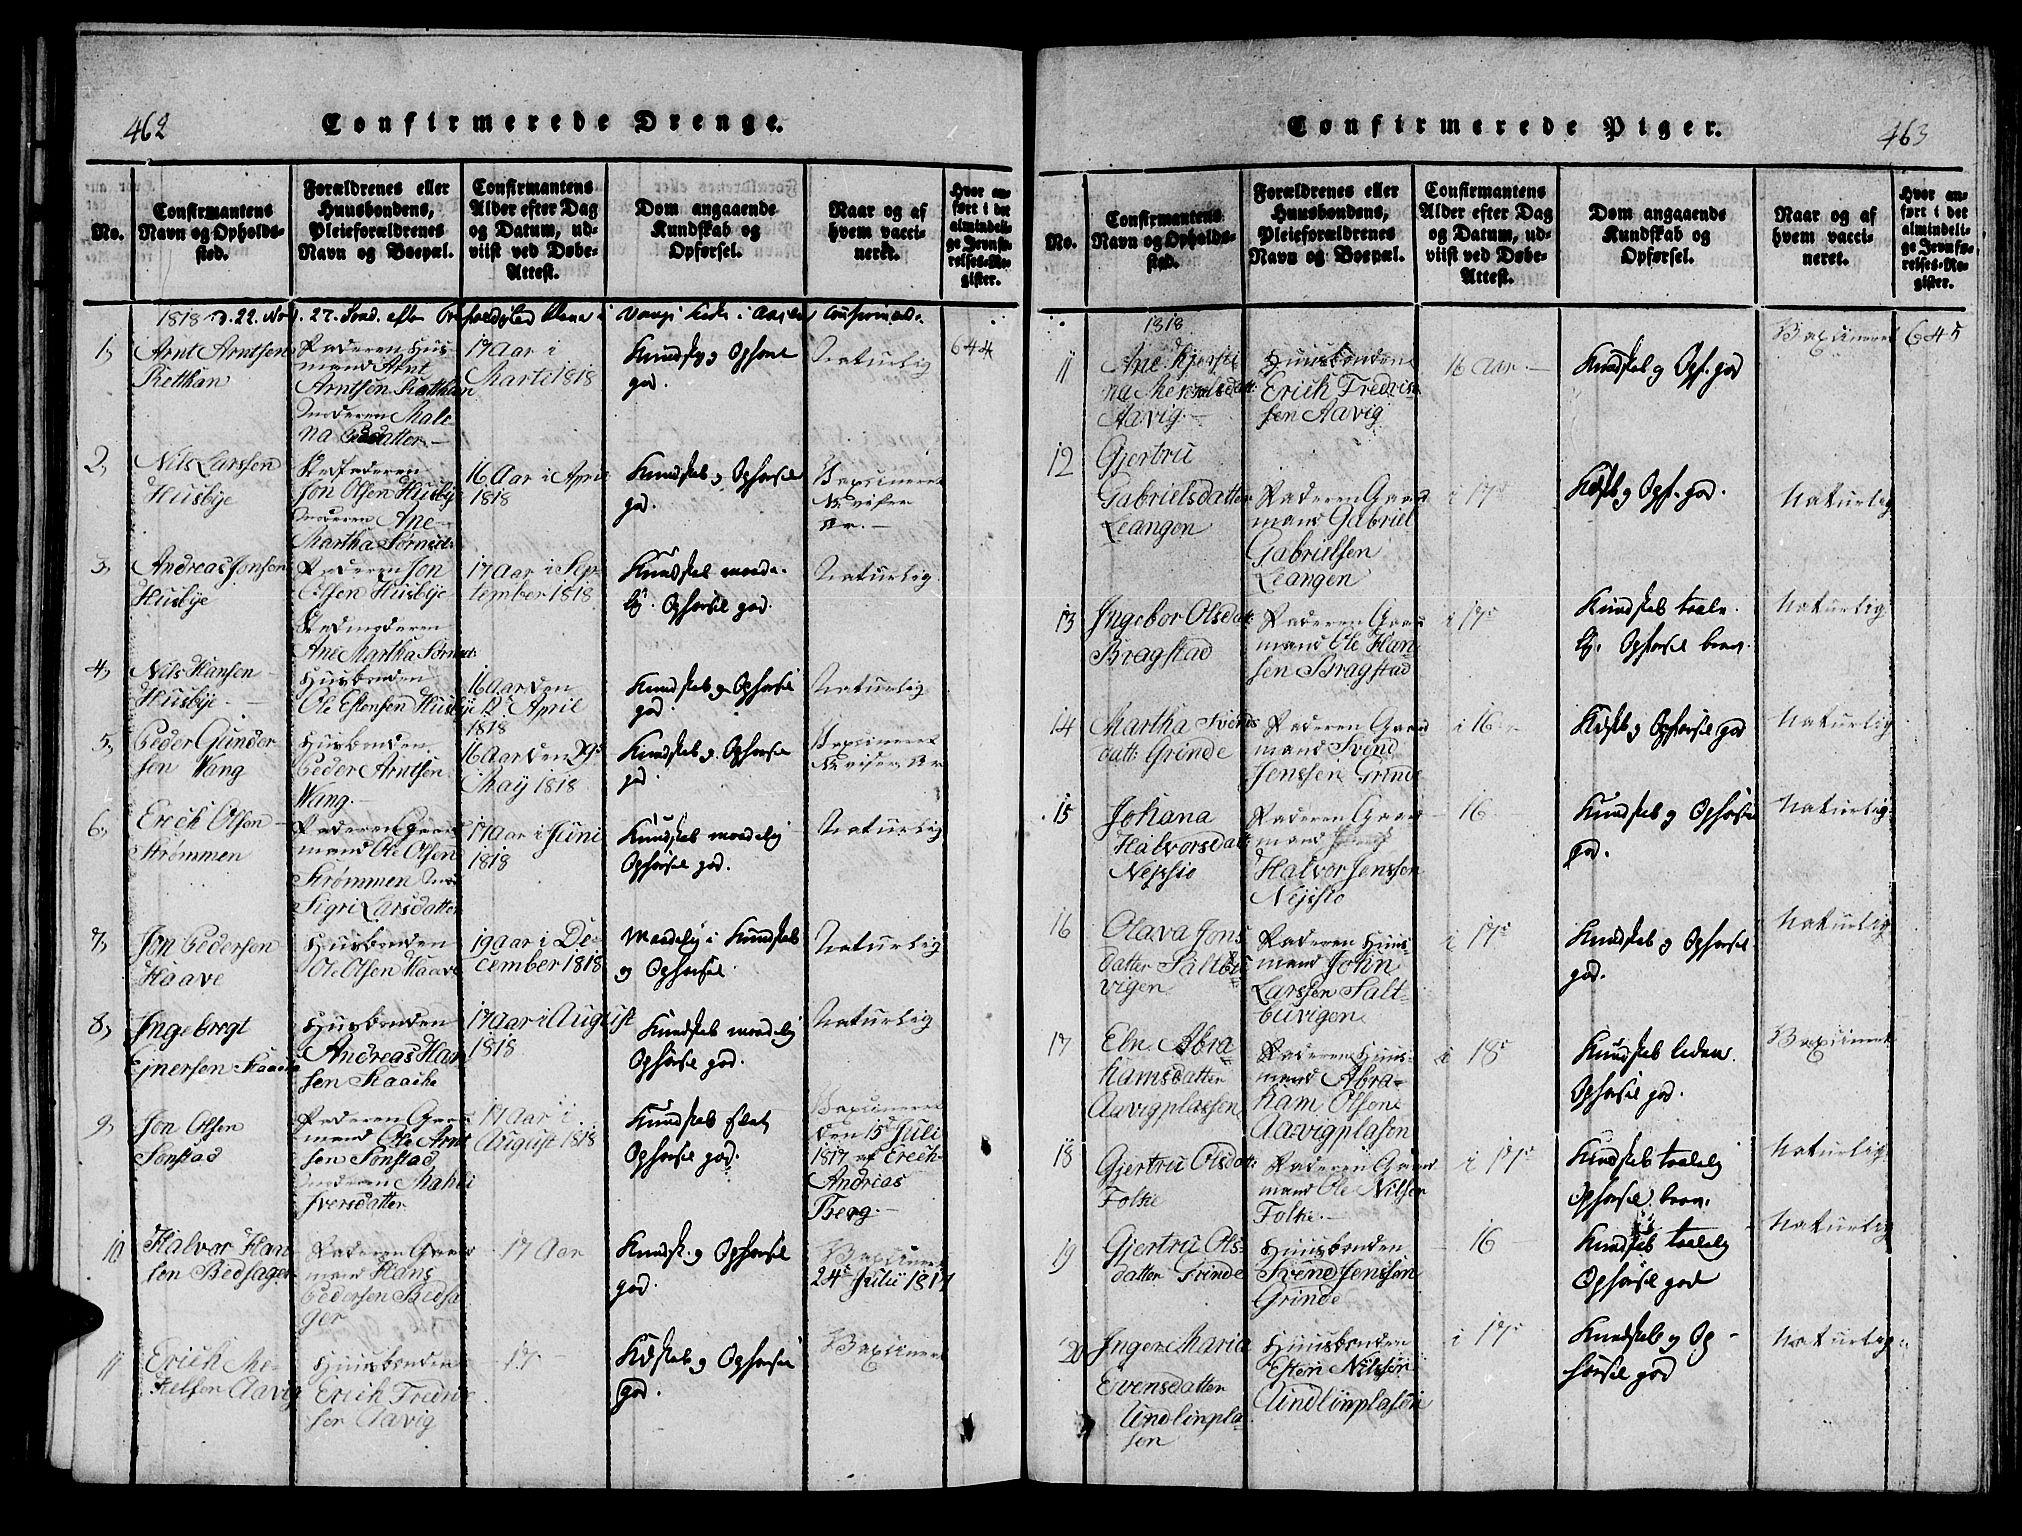 SAT, Ministerialprotokoller, klokkerbøker og fødselsregistre - Nord-Trøndelag, 714/L0132: Klokkerbok nr. 714C01, 1817-1824, s. 462-463